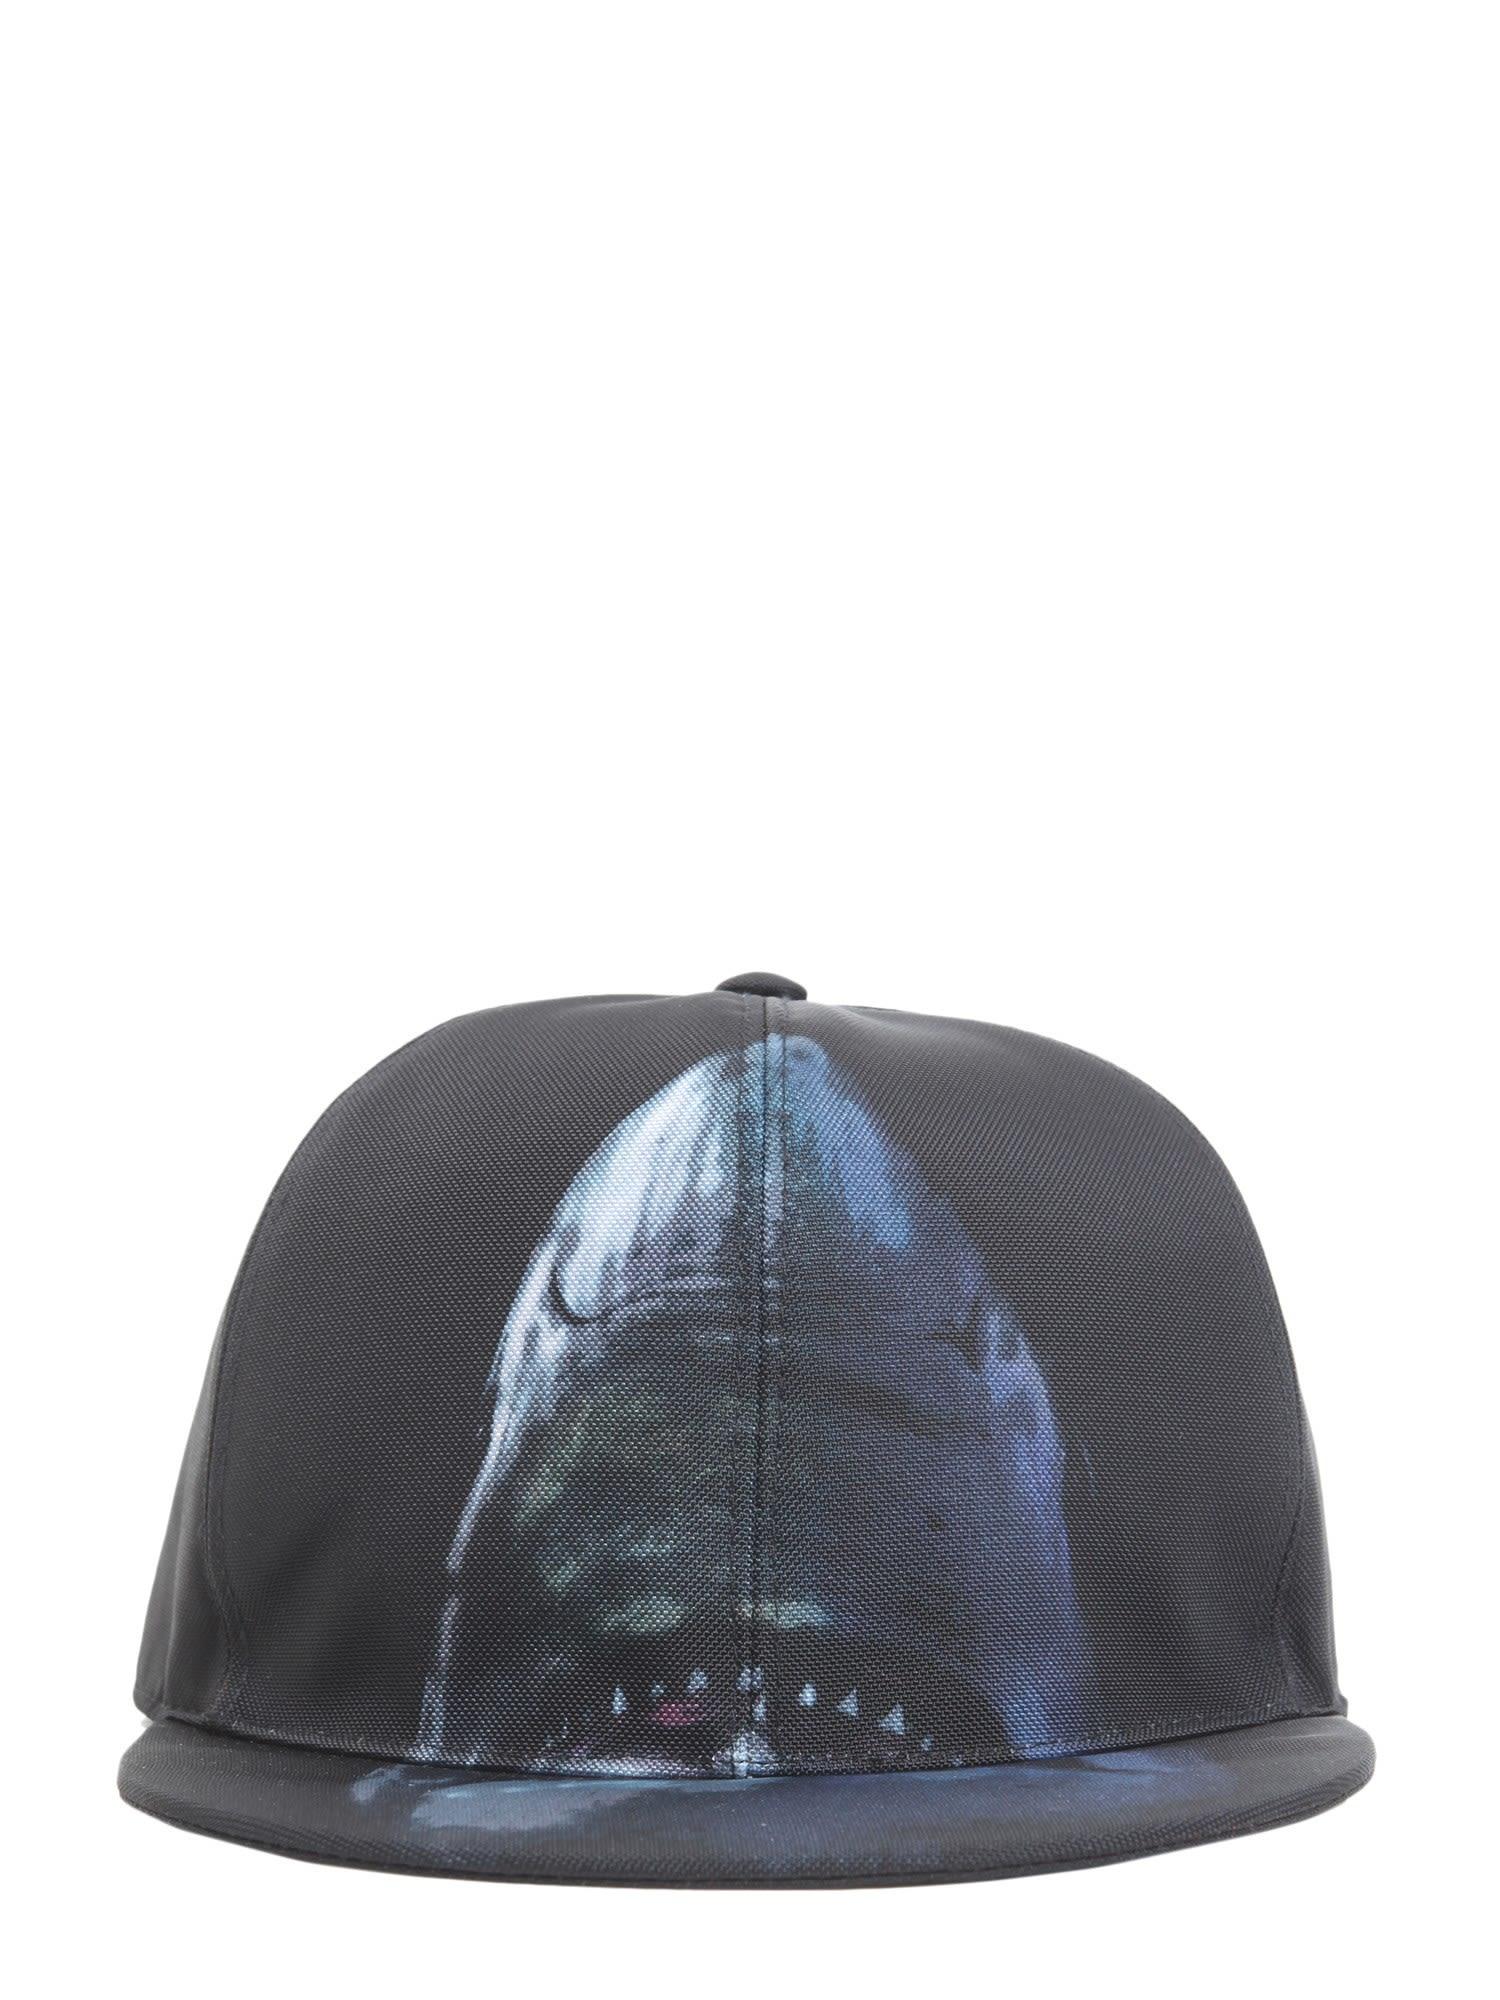 Givenchy Shark Printed Cap